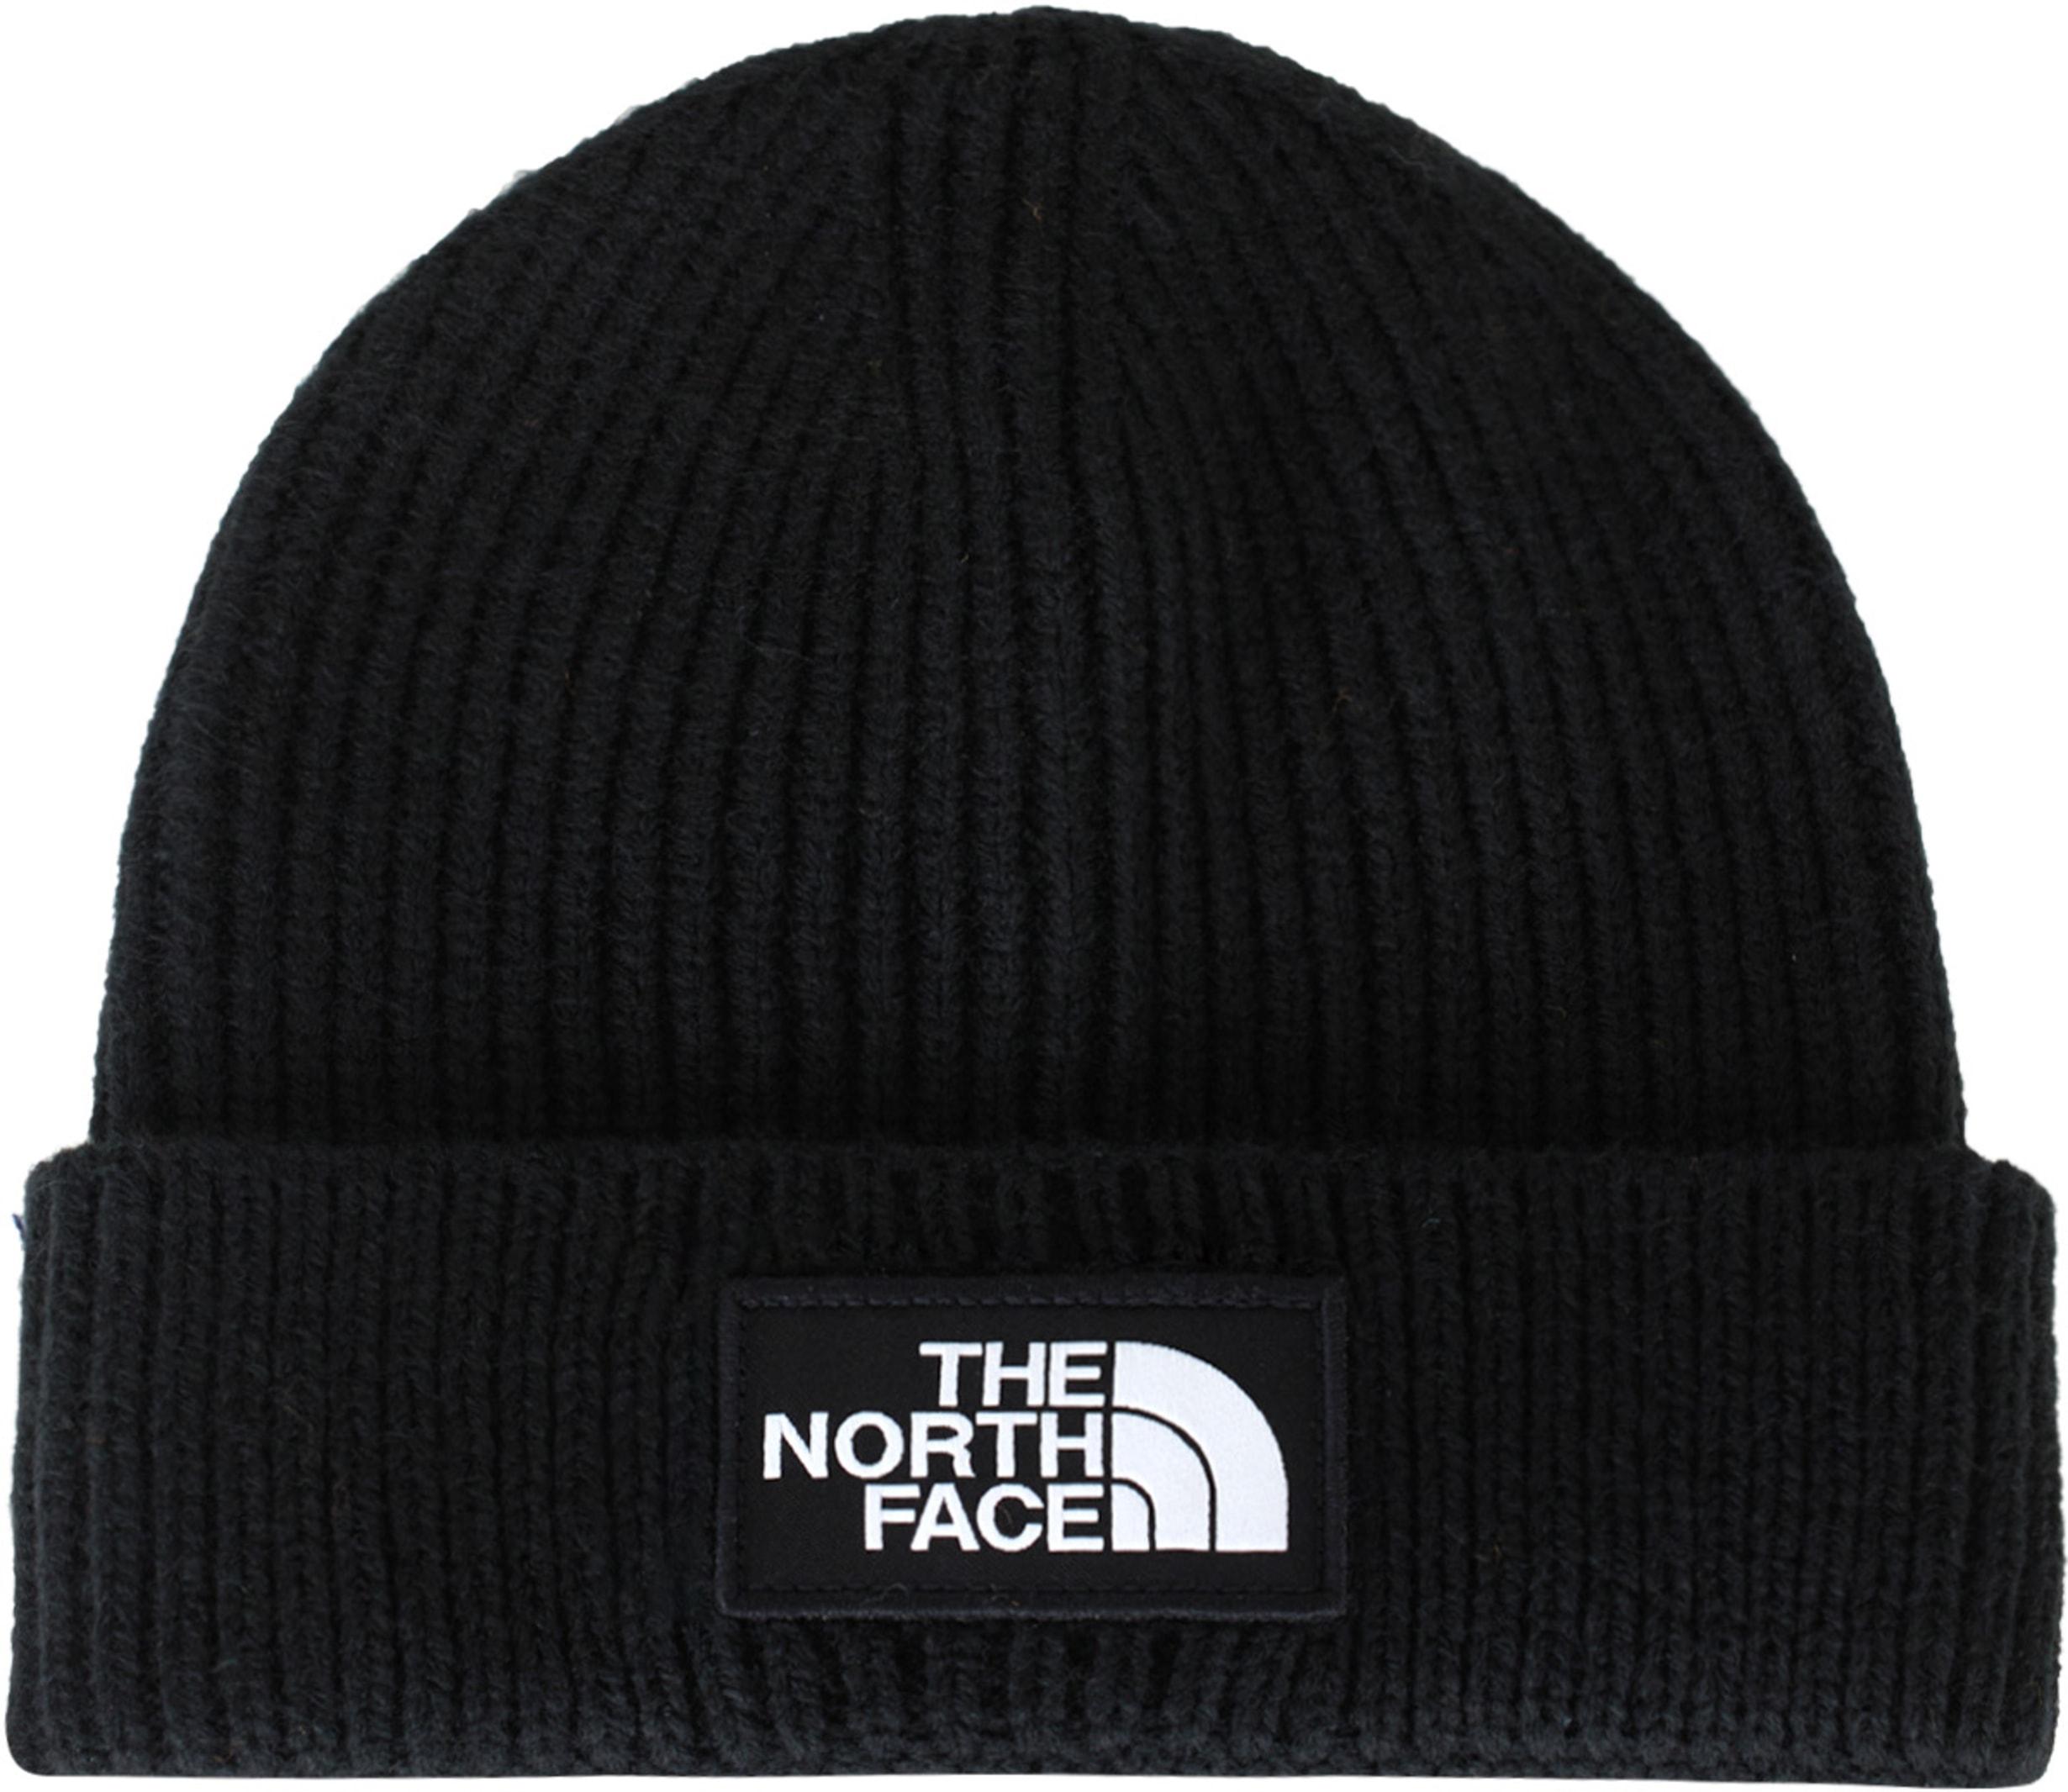 8e0fca3a824 the North Face  Logo Box Cuffed Beanie - Black